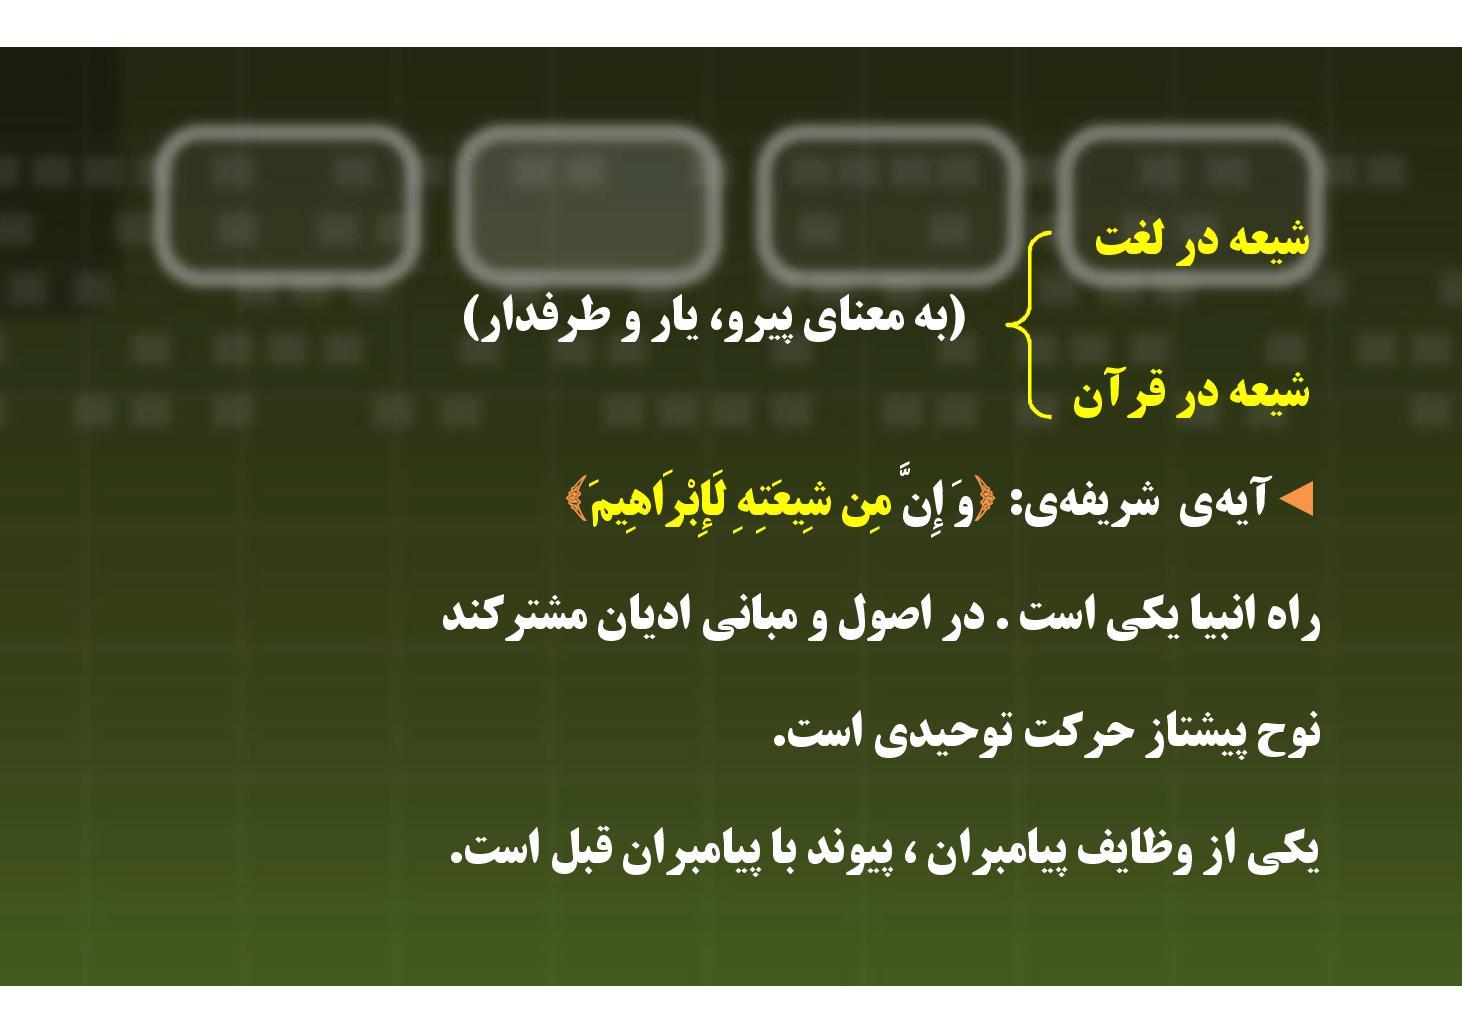 معارف- درس ۶- معنای شیعه- بخش ١ (PDF)